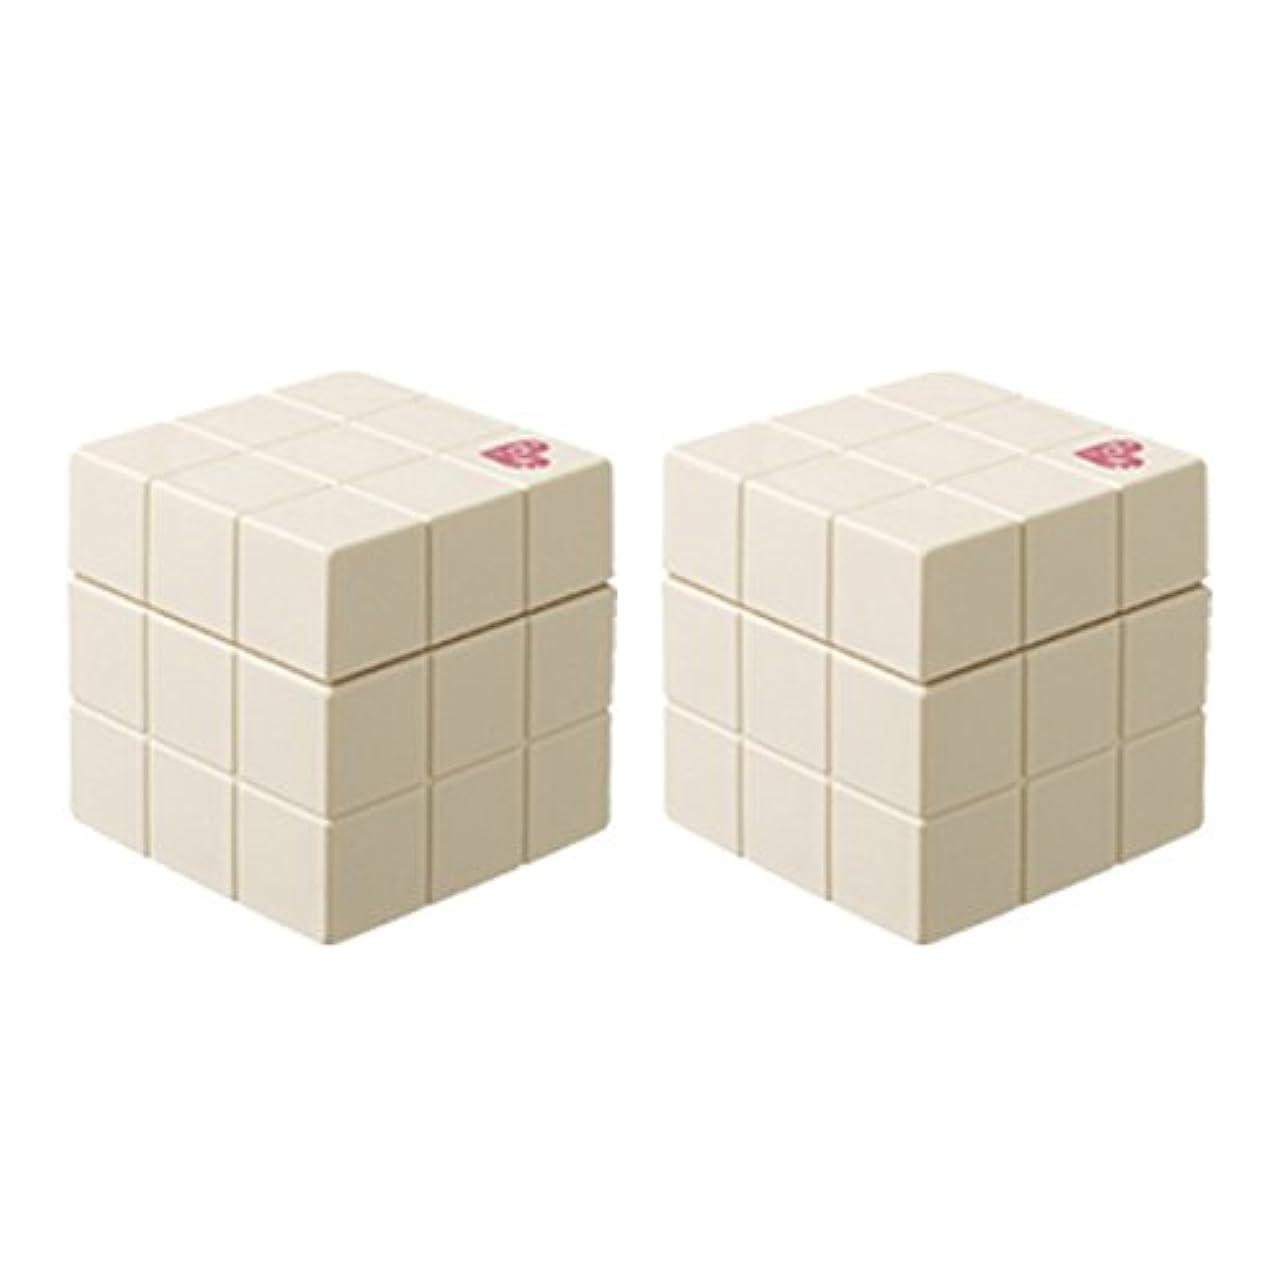 謝罪お互い報復する【X2個セット】 アリミノ ピース プロデザインシリーズ ニュアンスワックス バニラ 80g